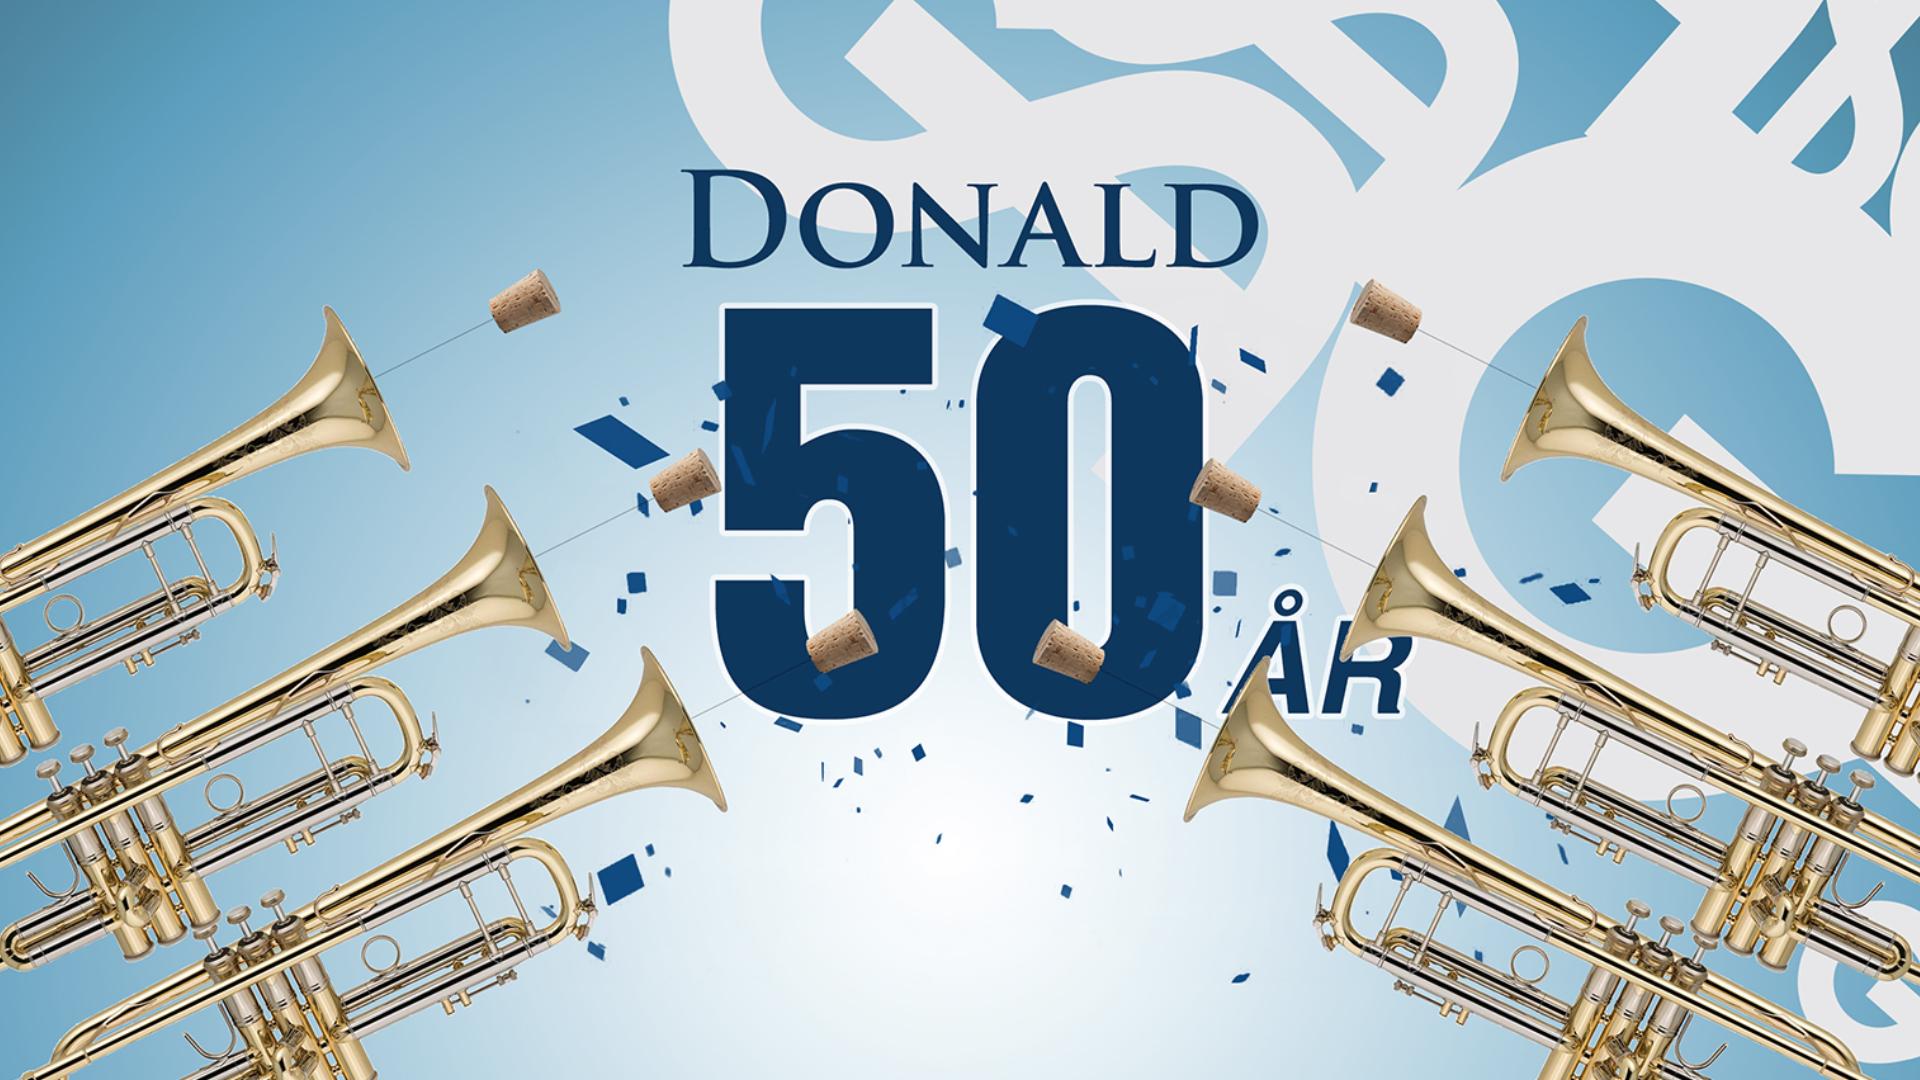 Donald 50 år